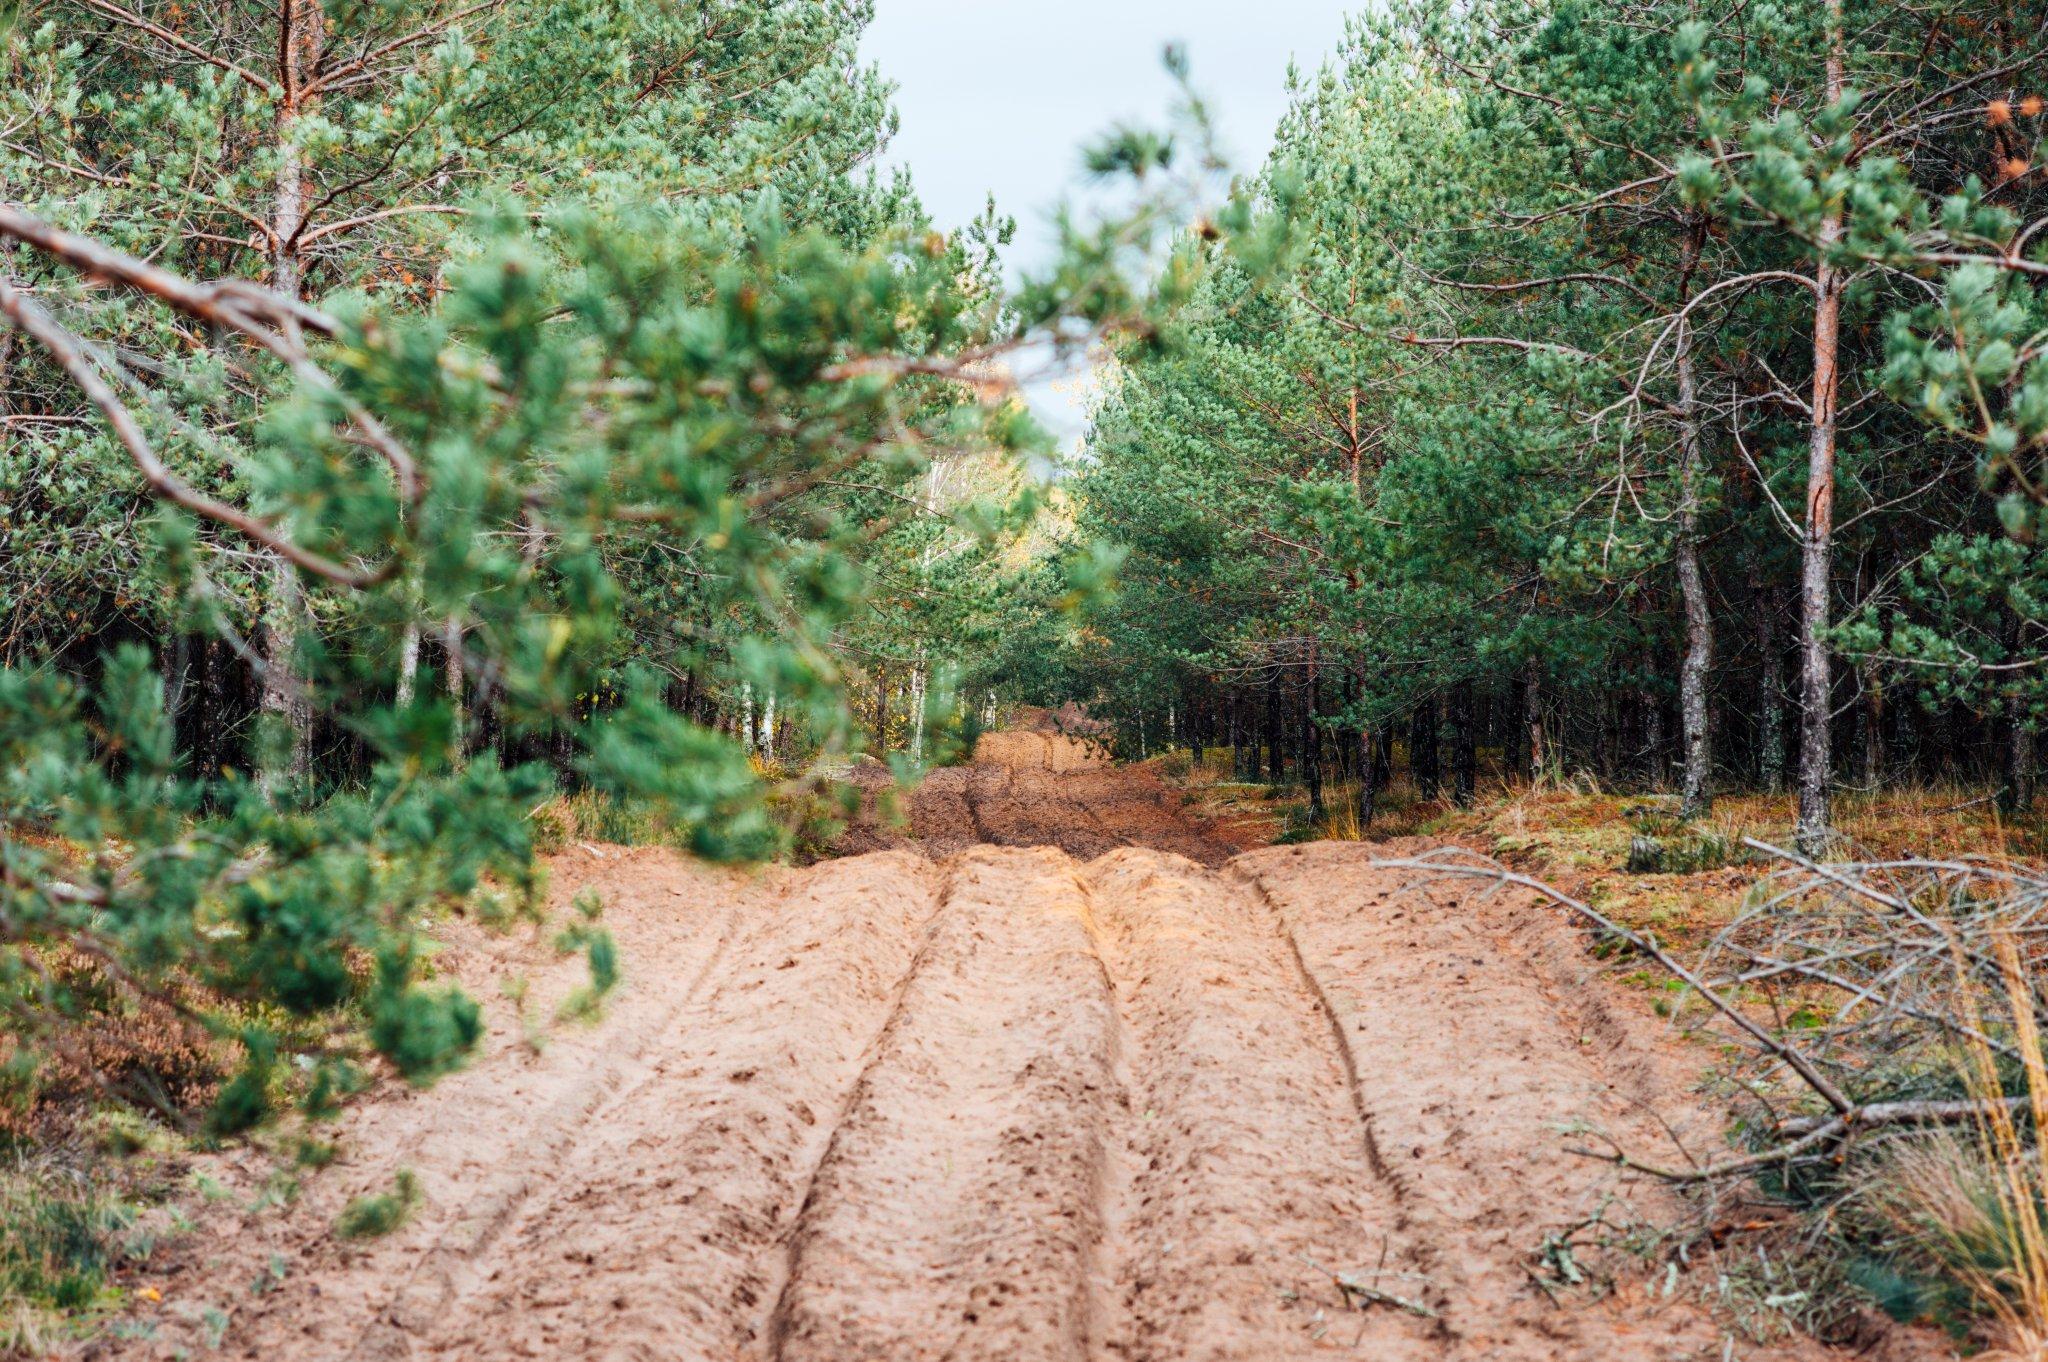 Žemyninė kopa Dumsių girioje II - Vilmantas Ramonas